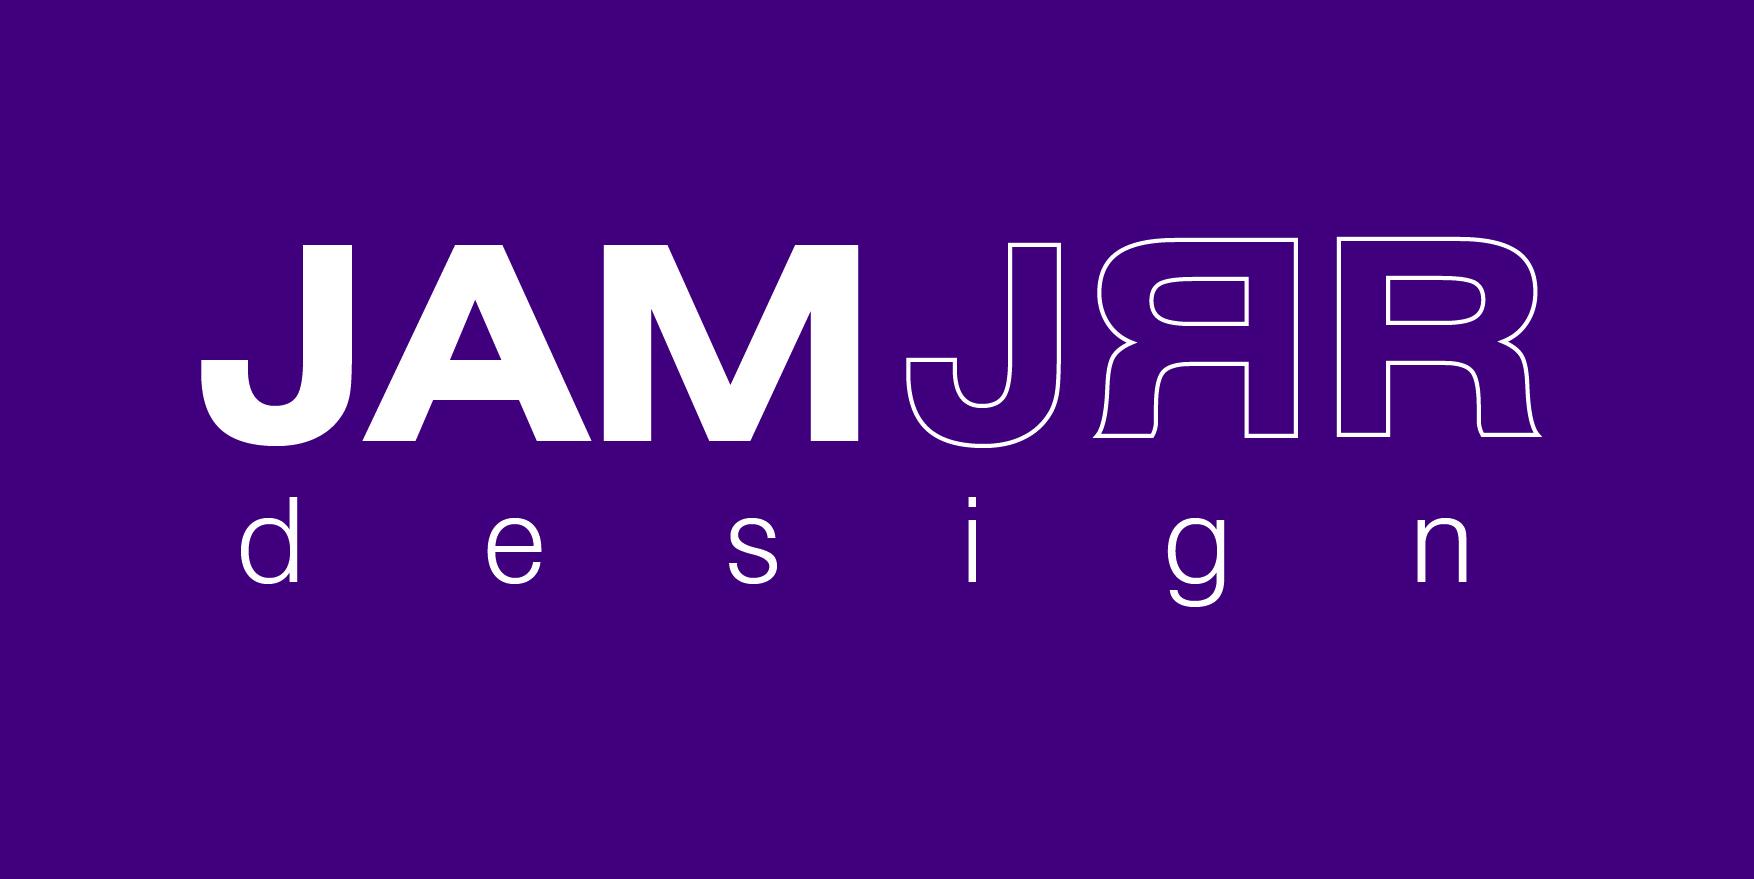 Jam Jar Design Logo-01.jpg